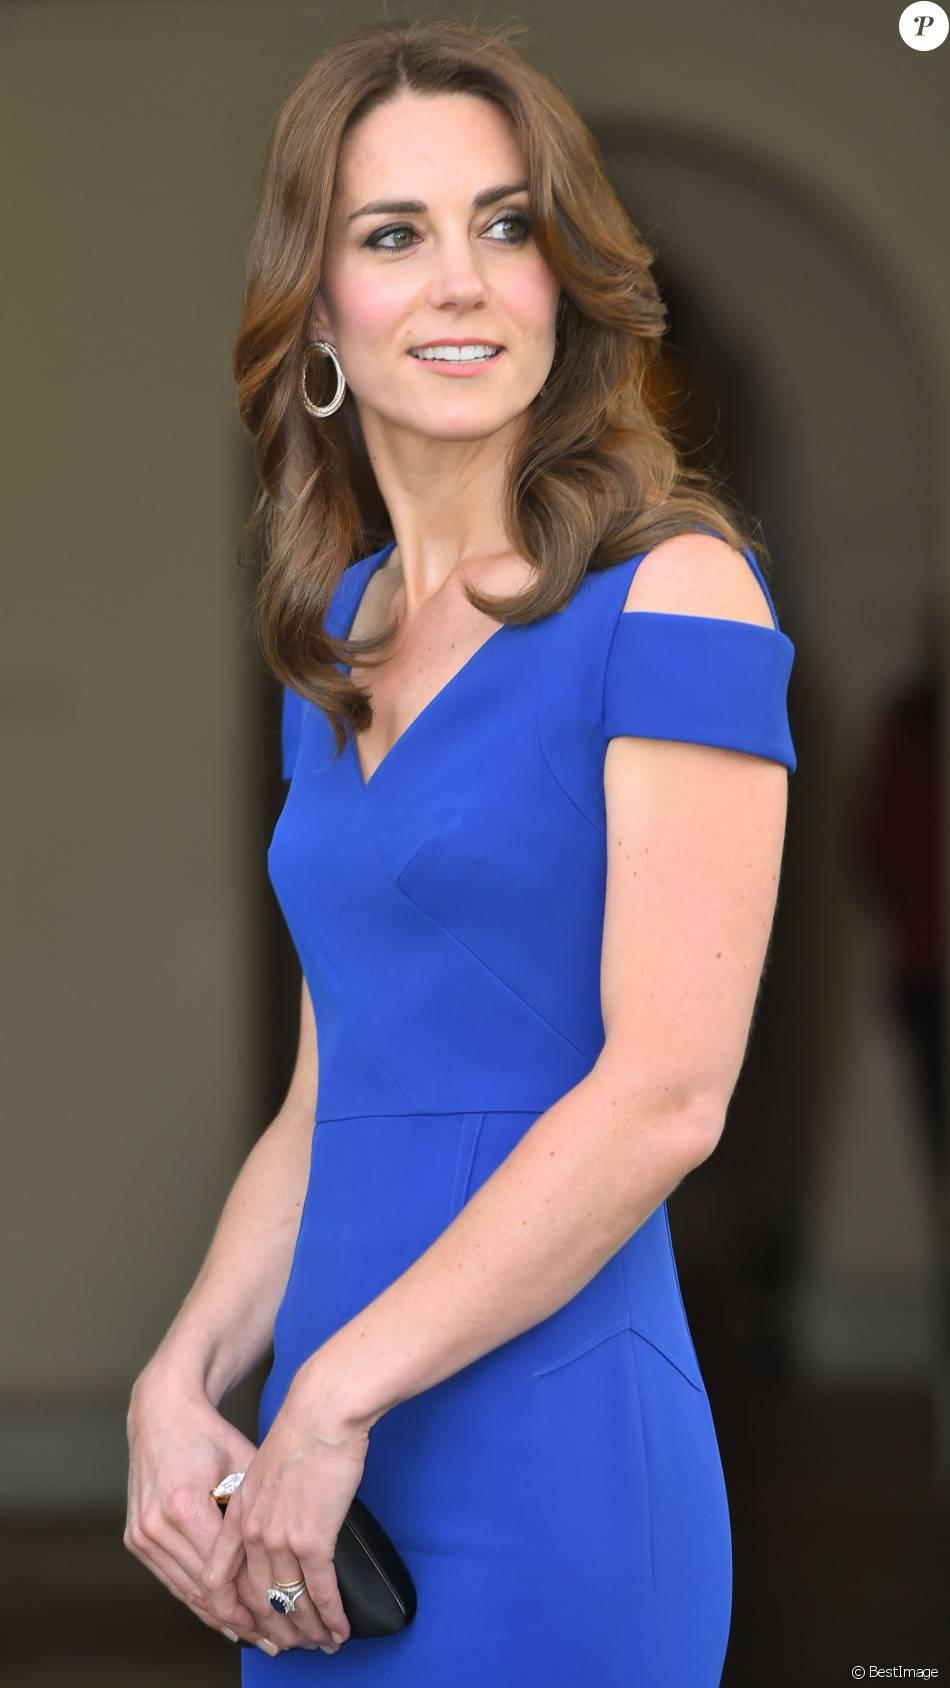 Kate Middleton, duchesse de Cambridge, somptueuse dans une robe Roland Mouret, accueillait le 9 juin 2016 des ambassadeurs et des athlètes de l'association SportsAid pour un dîner, tourné vers les JO de Rio, en l'honneur du 40e anniversaire de l'organisme dont elle est la marraine.